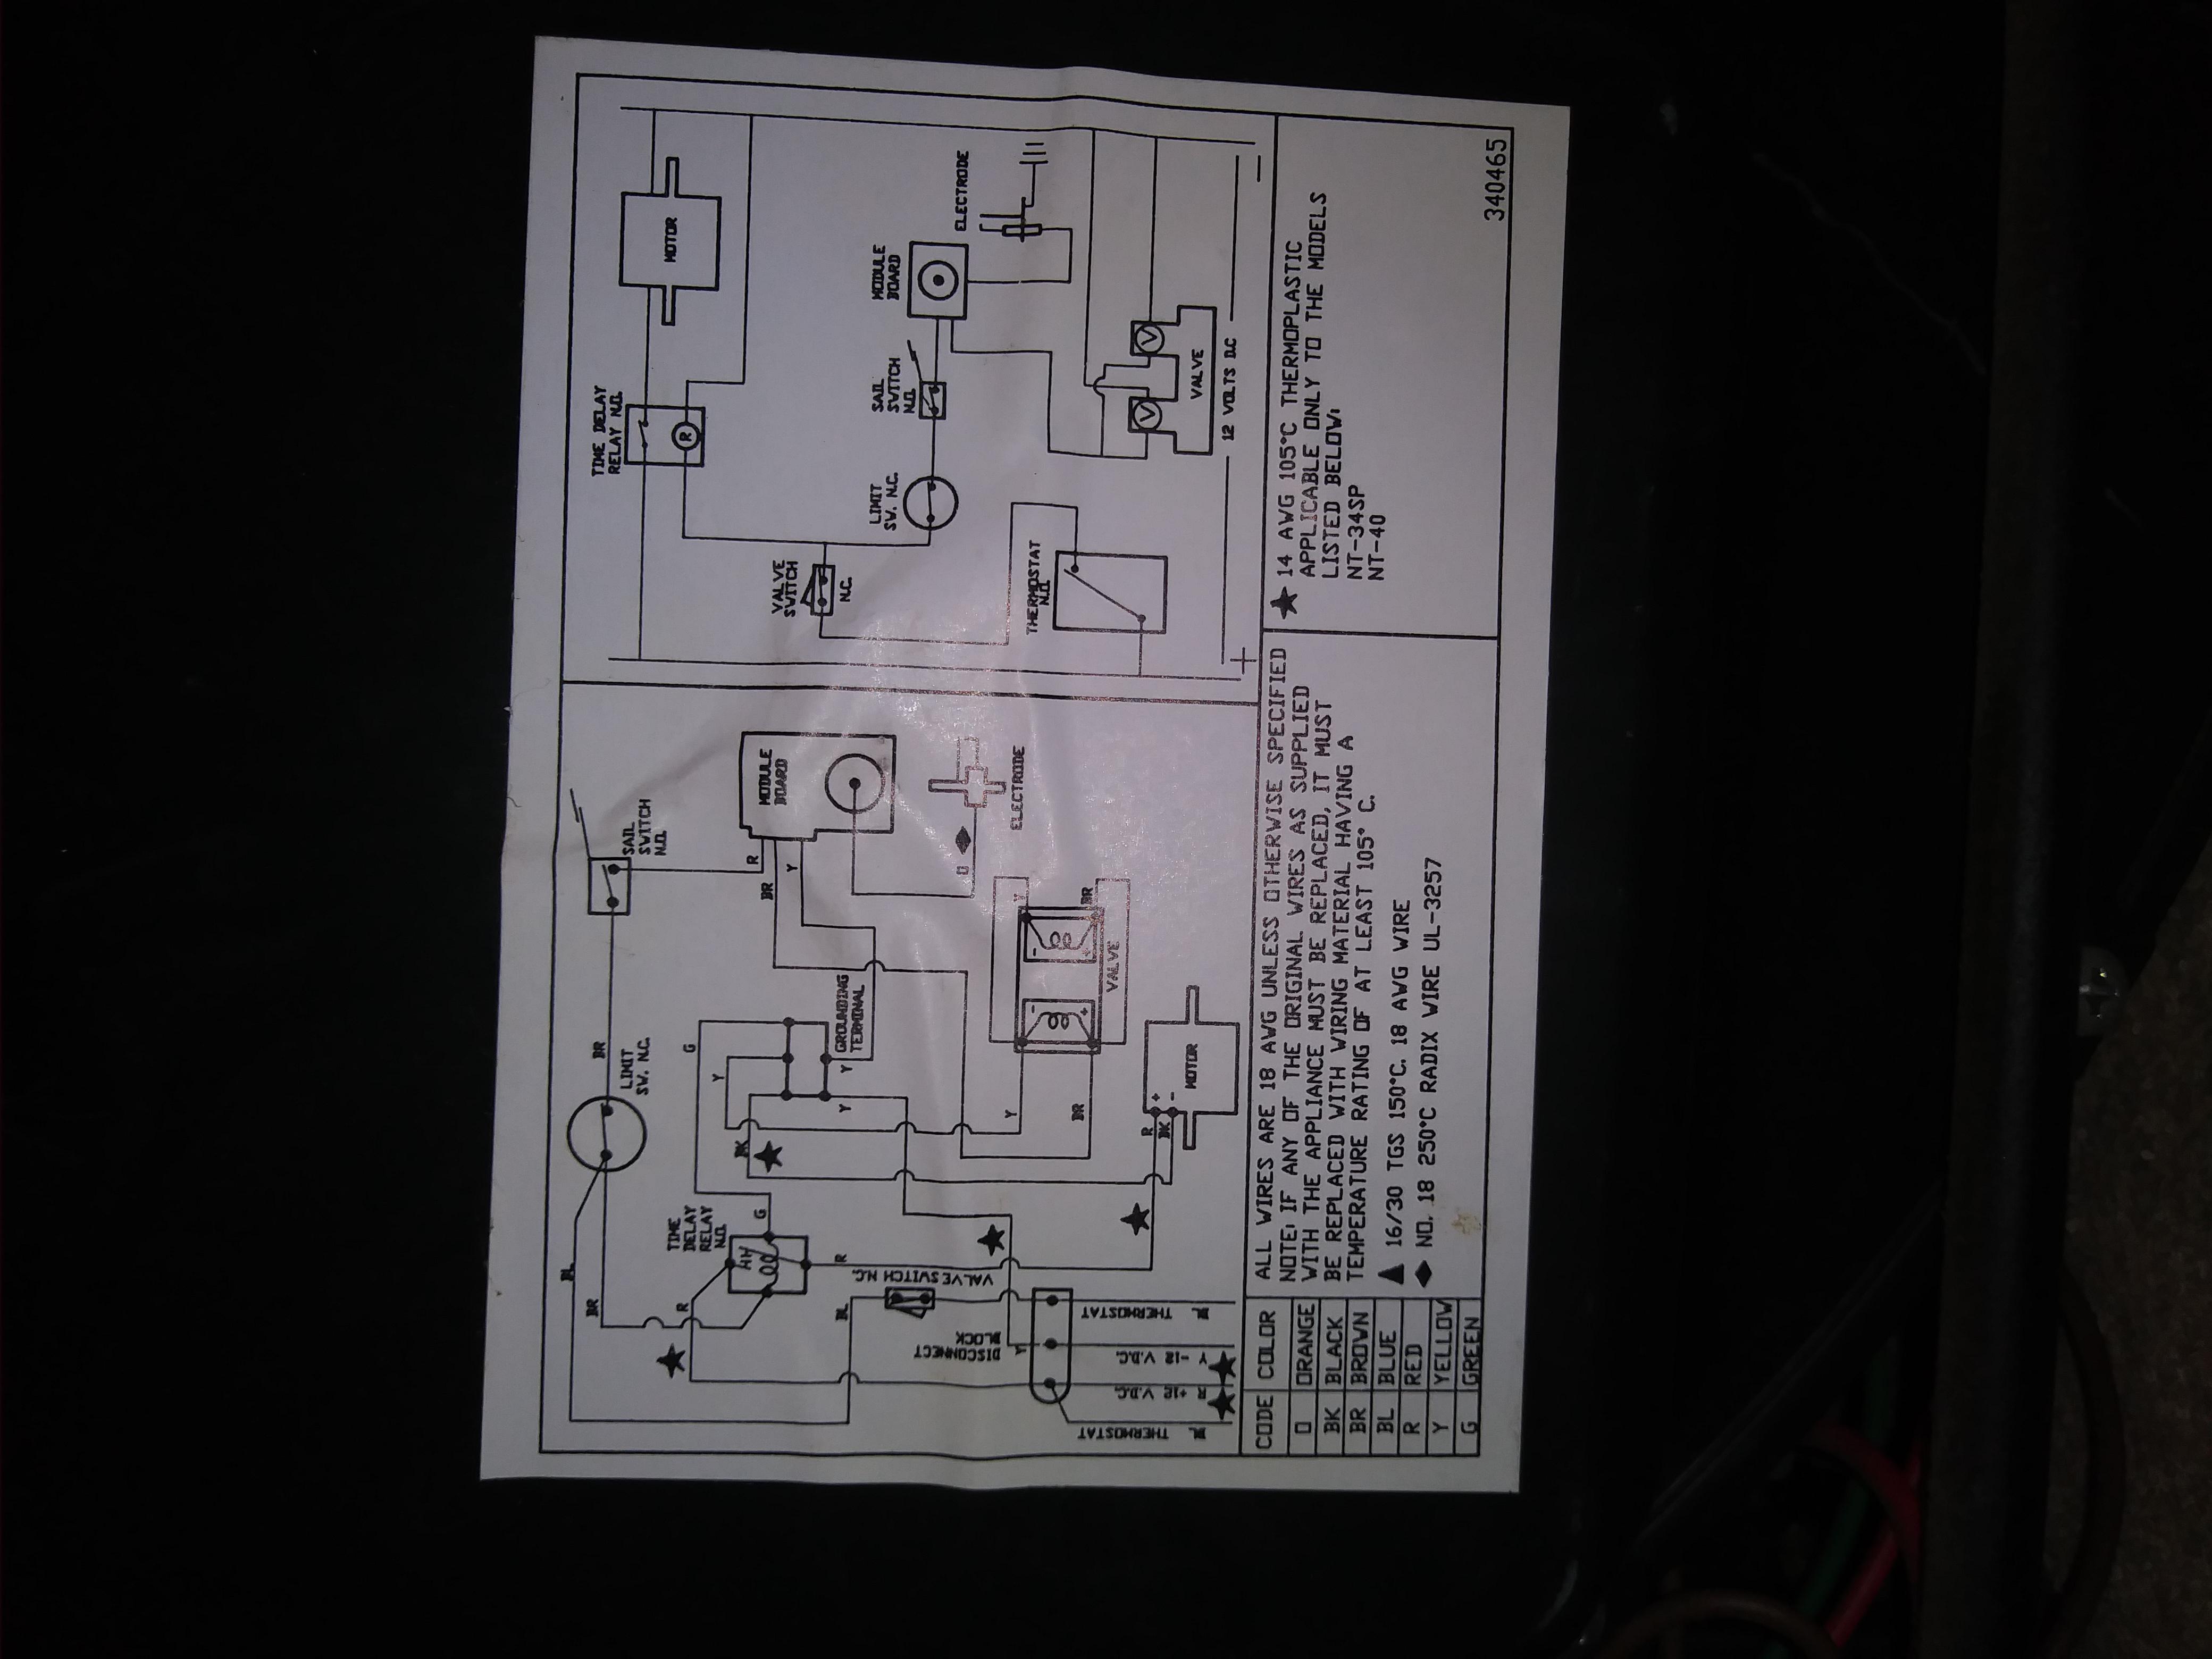 Star Wiring Diagram 1997 Allegro. . Wiring Diagram on